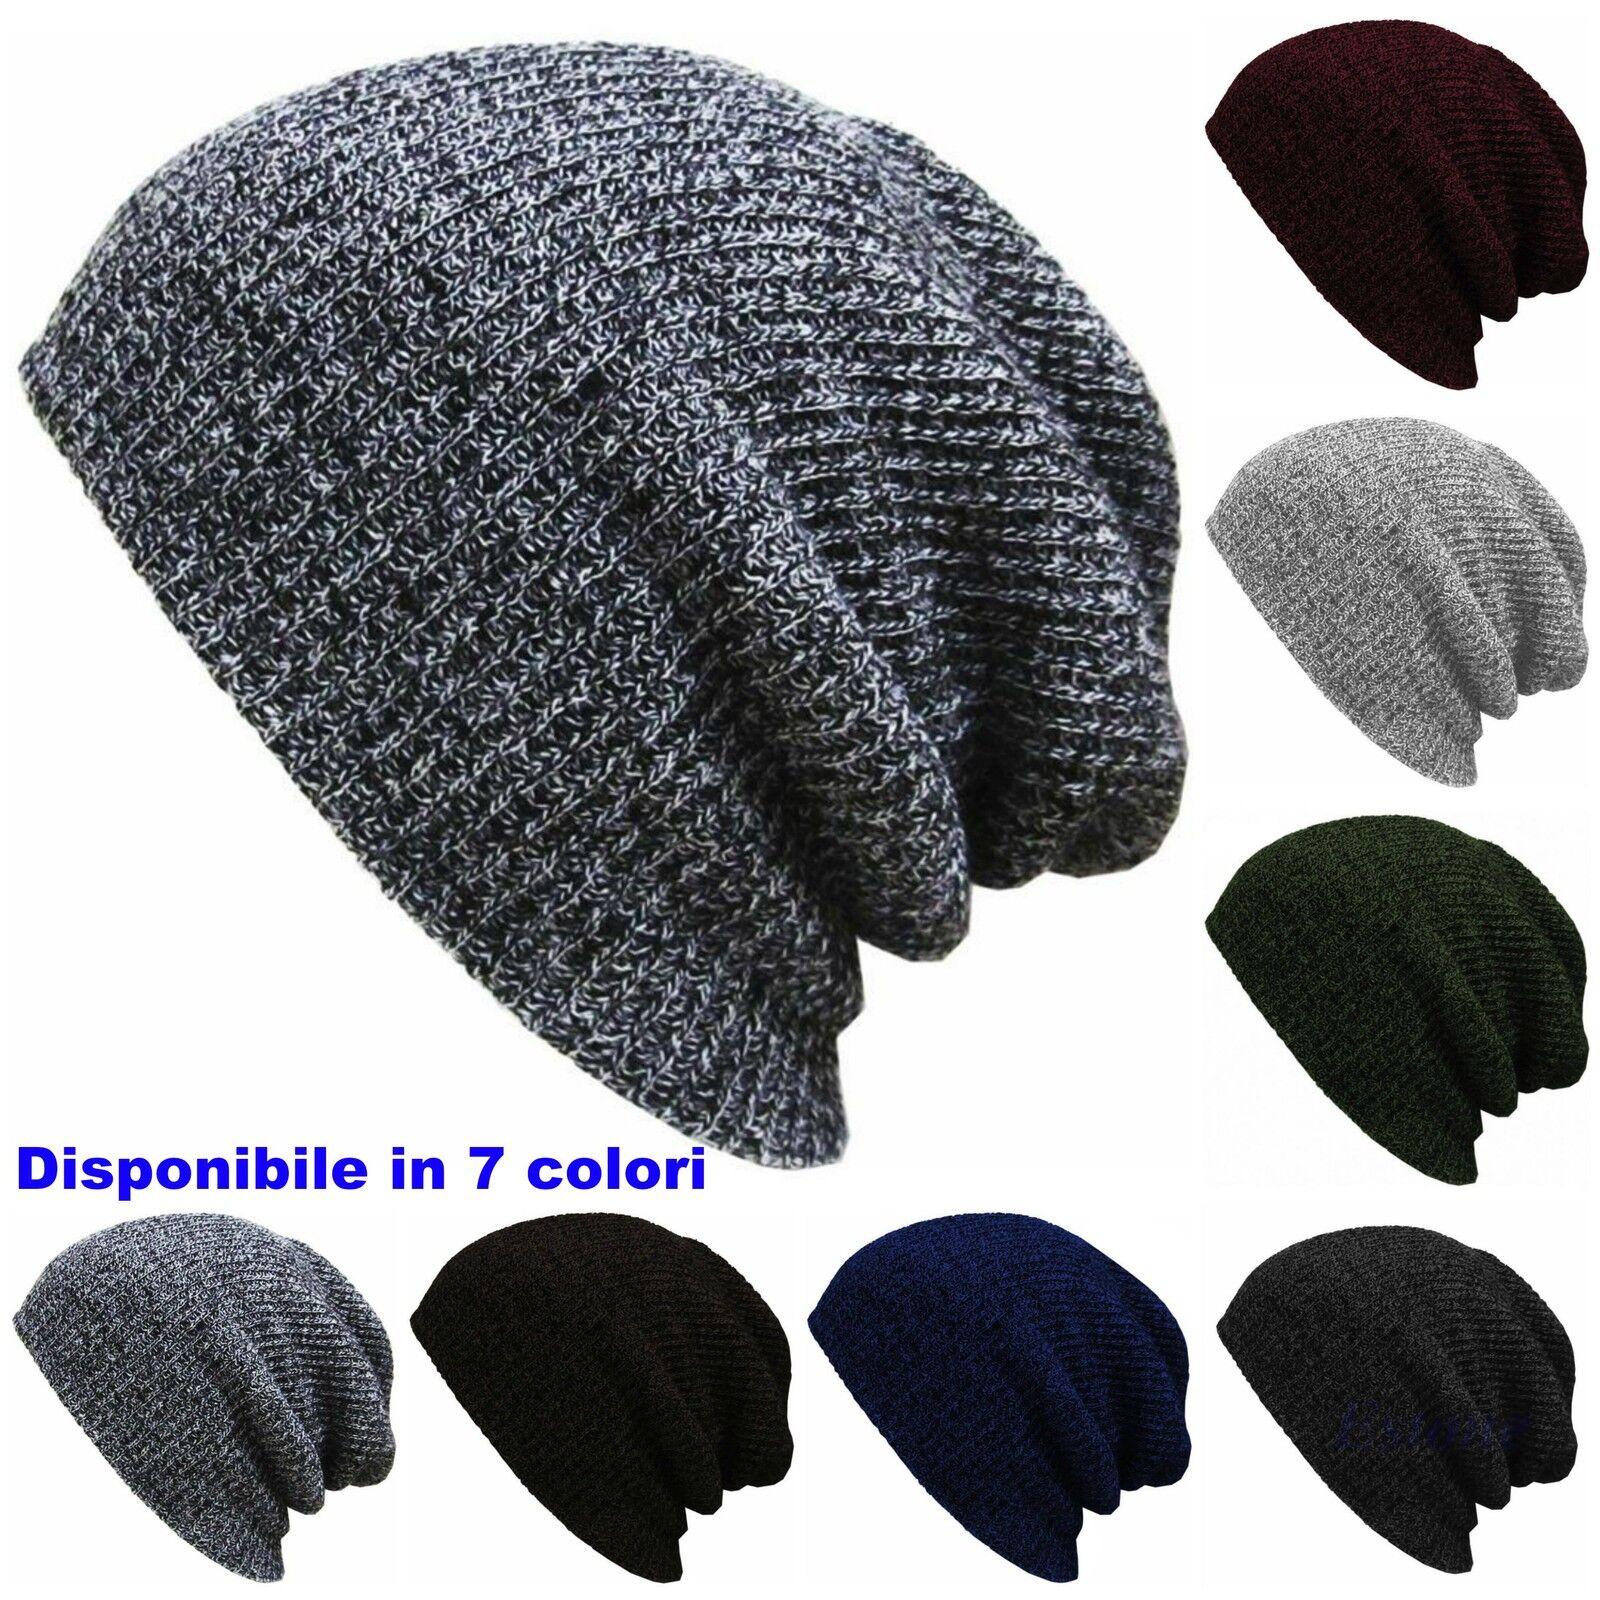 Cappello invernale unisex cuffia beanie berretto uomo donna  -  Novità 2016/17